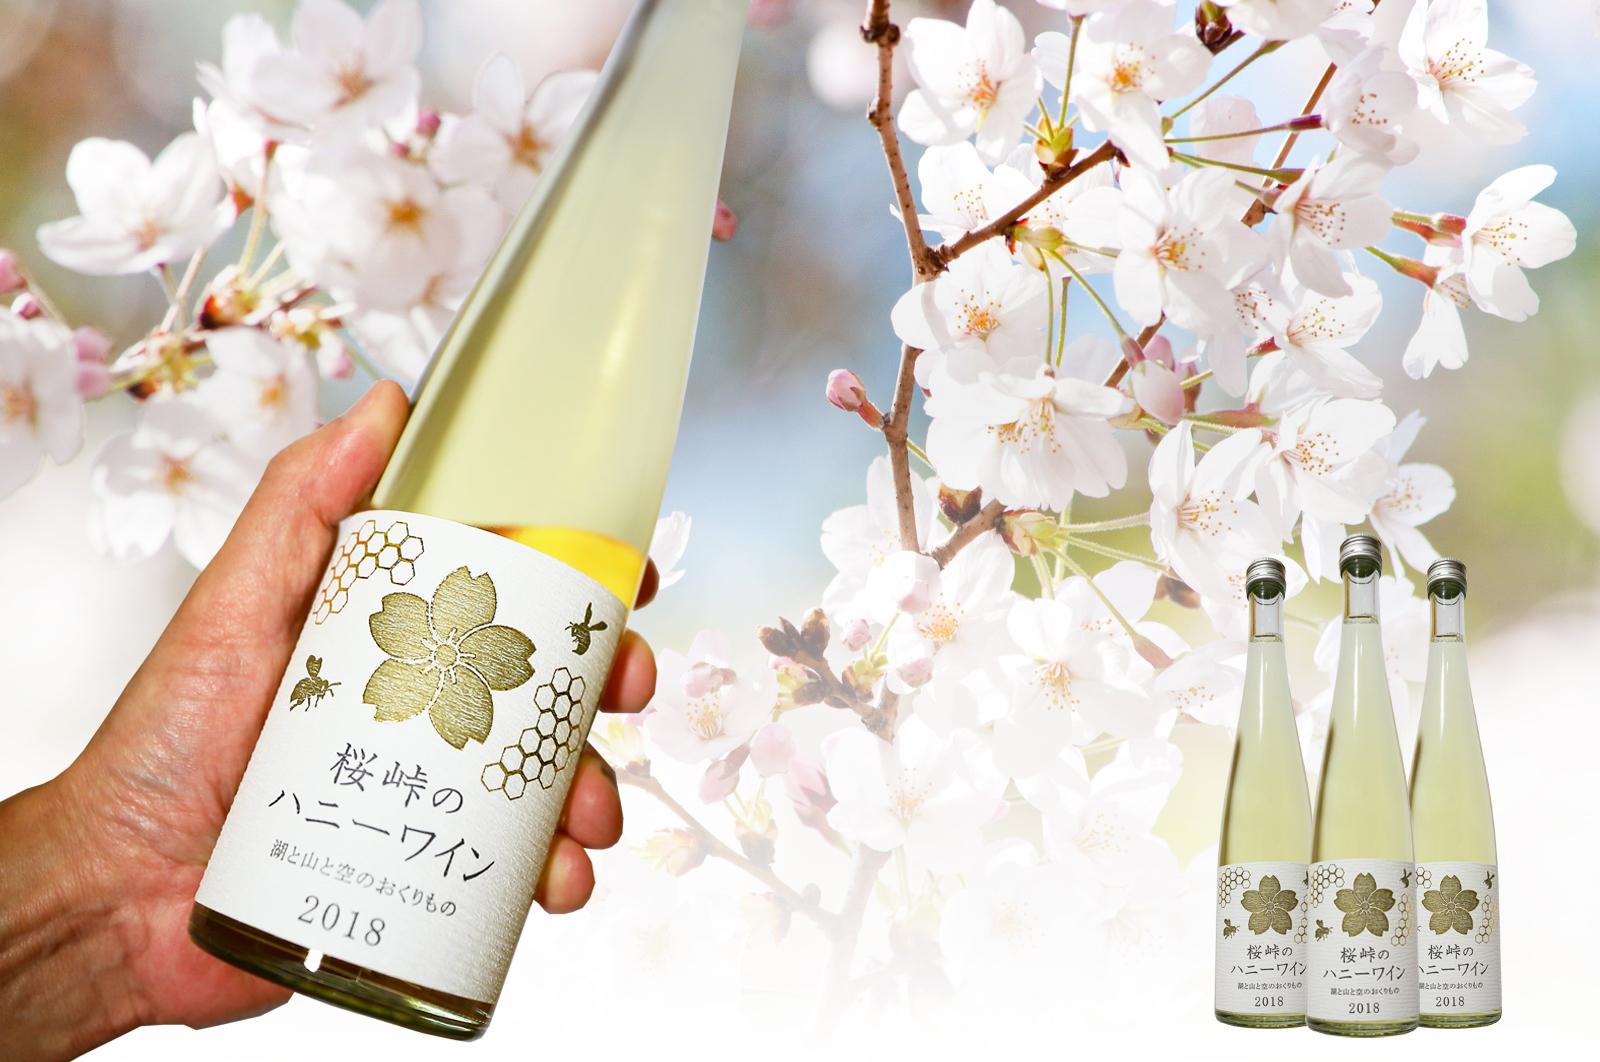 桜峠のハニーワイン 2